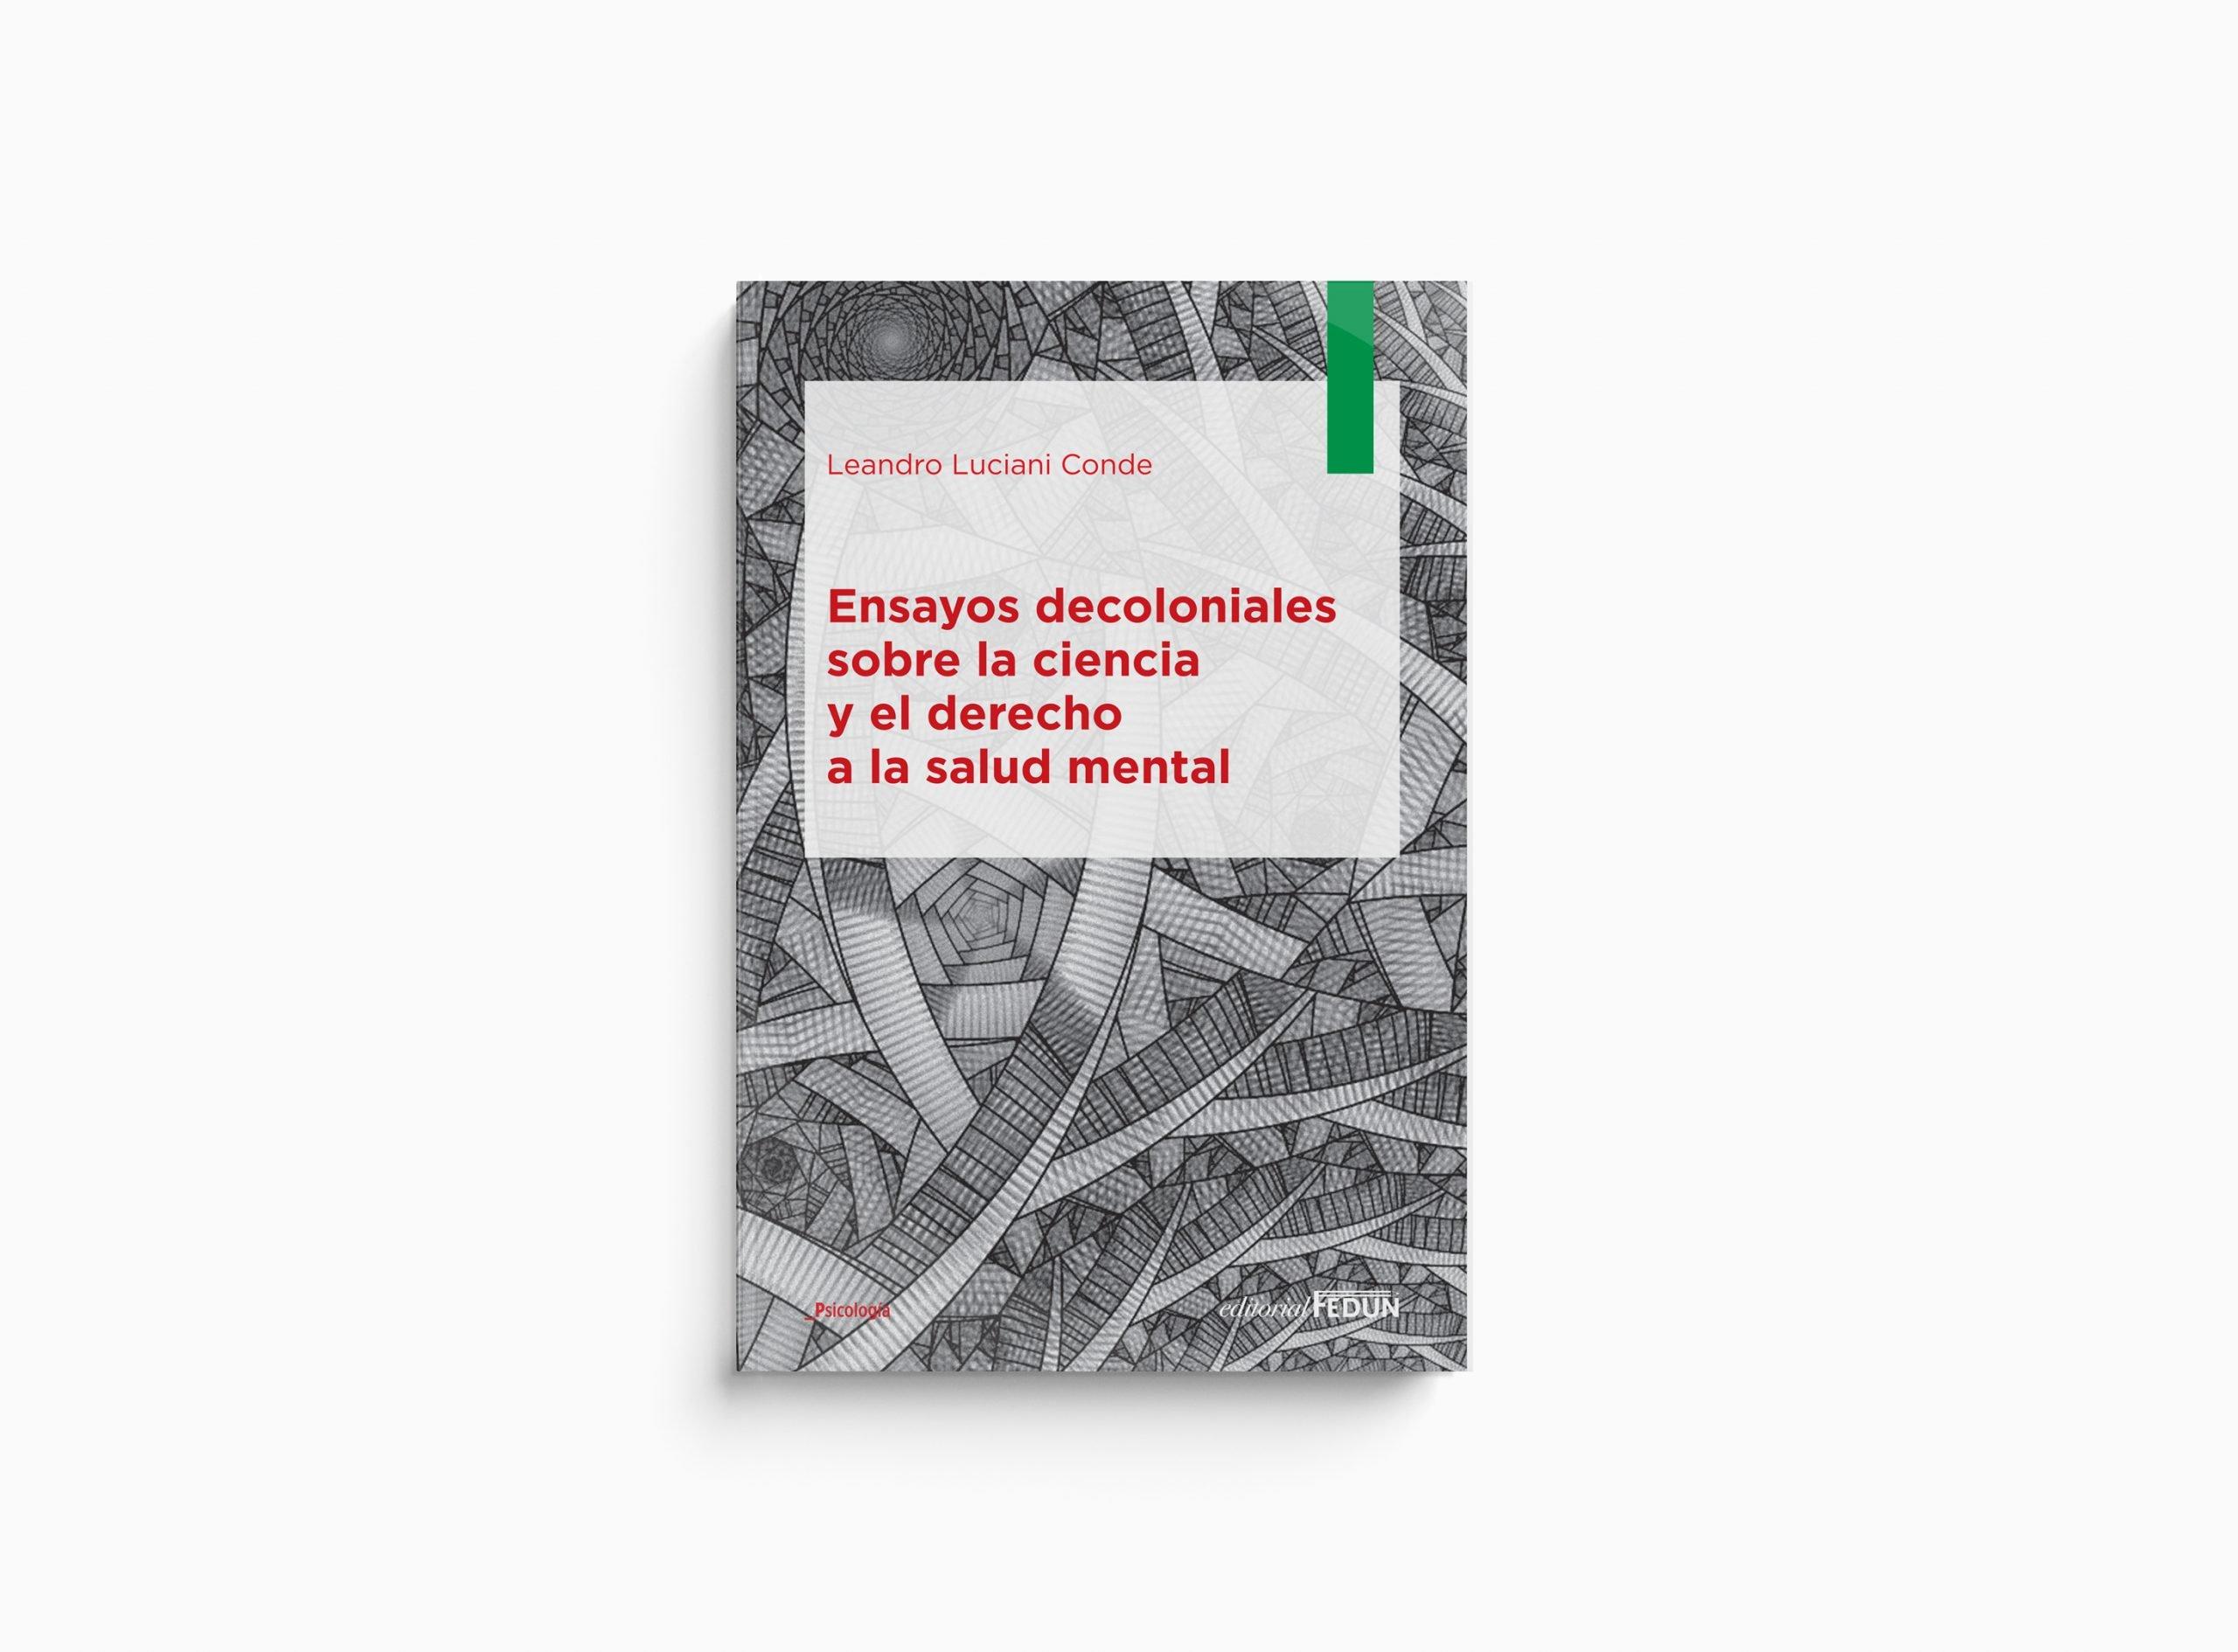 Ensayos decoloniales en el derecho y salud mental